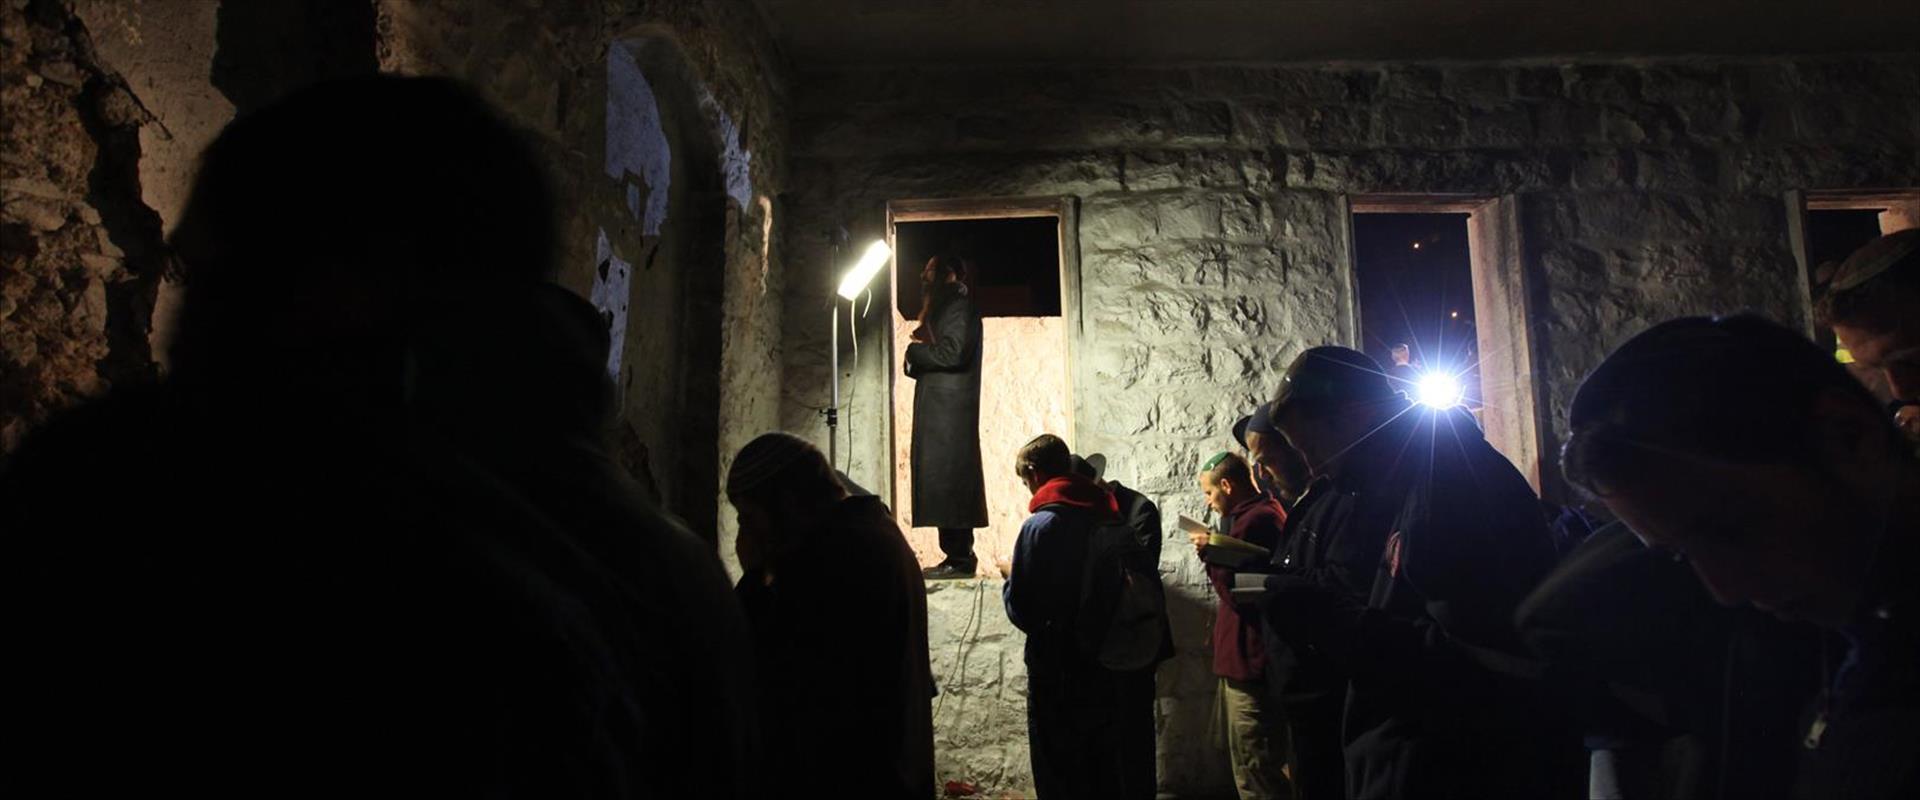 תפילה בקבר יוסף, ארכיון